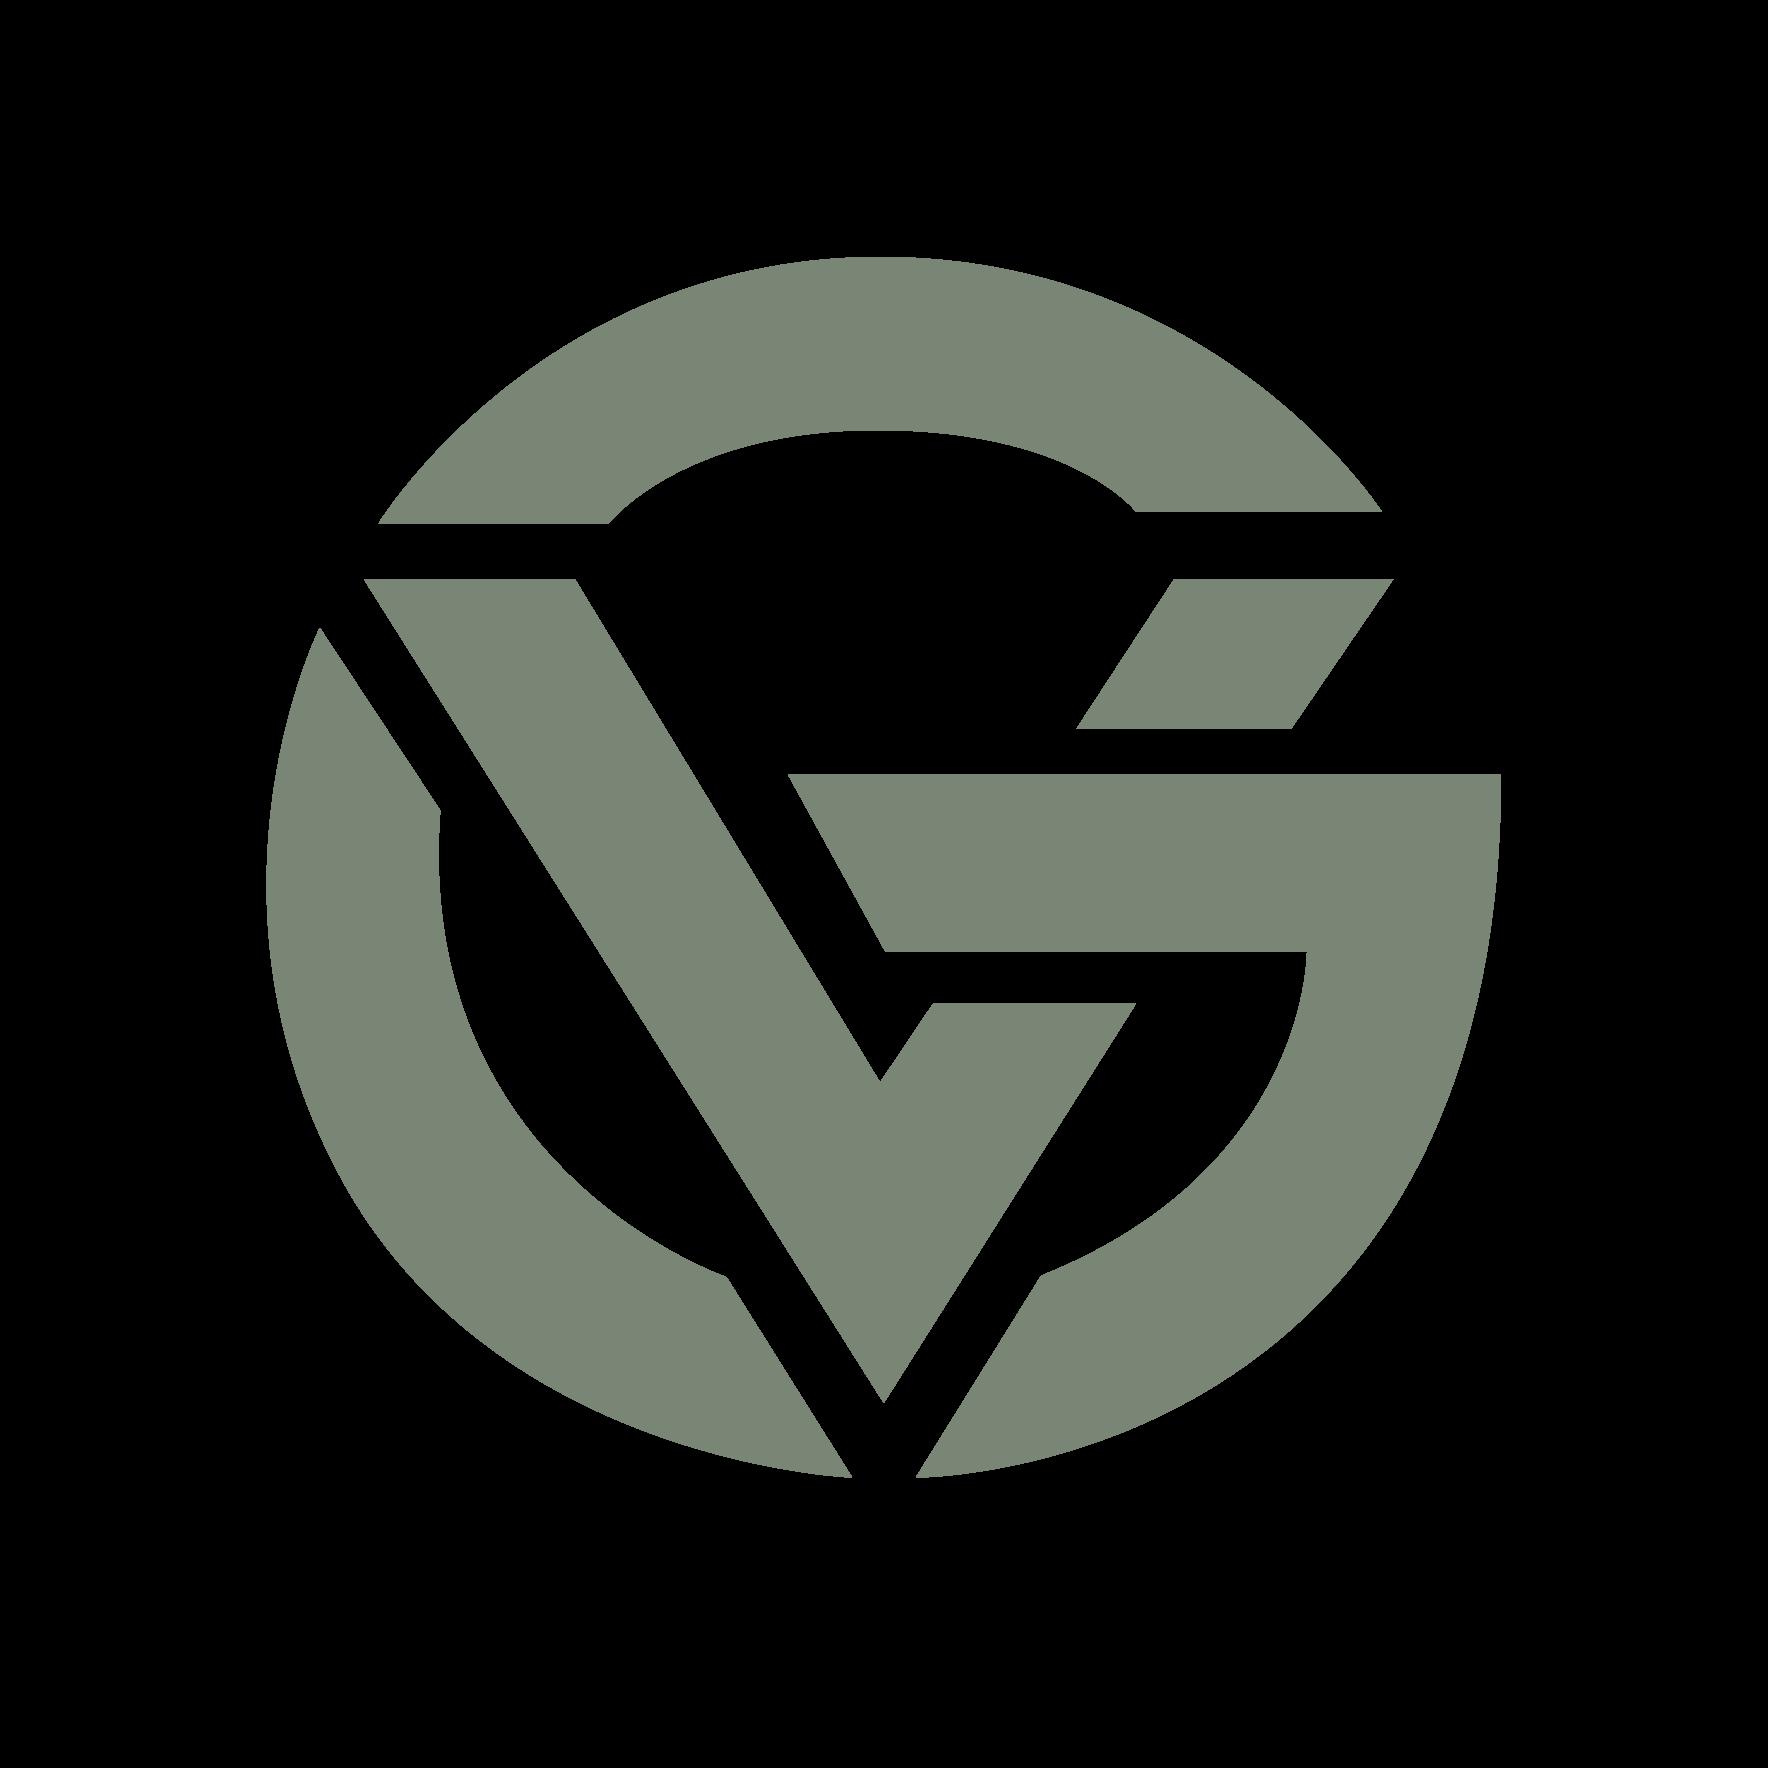 Global Vegans Ltd